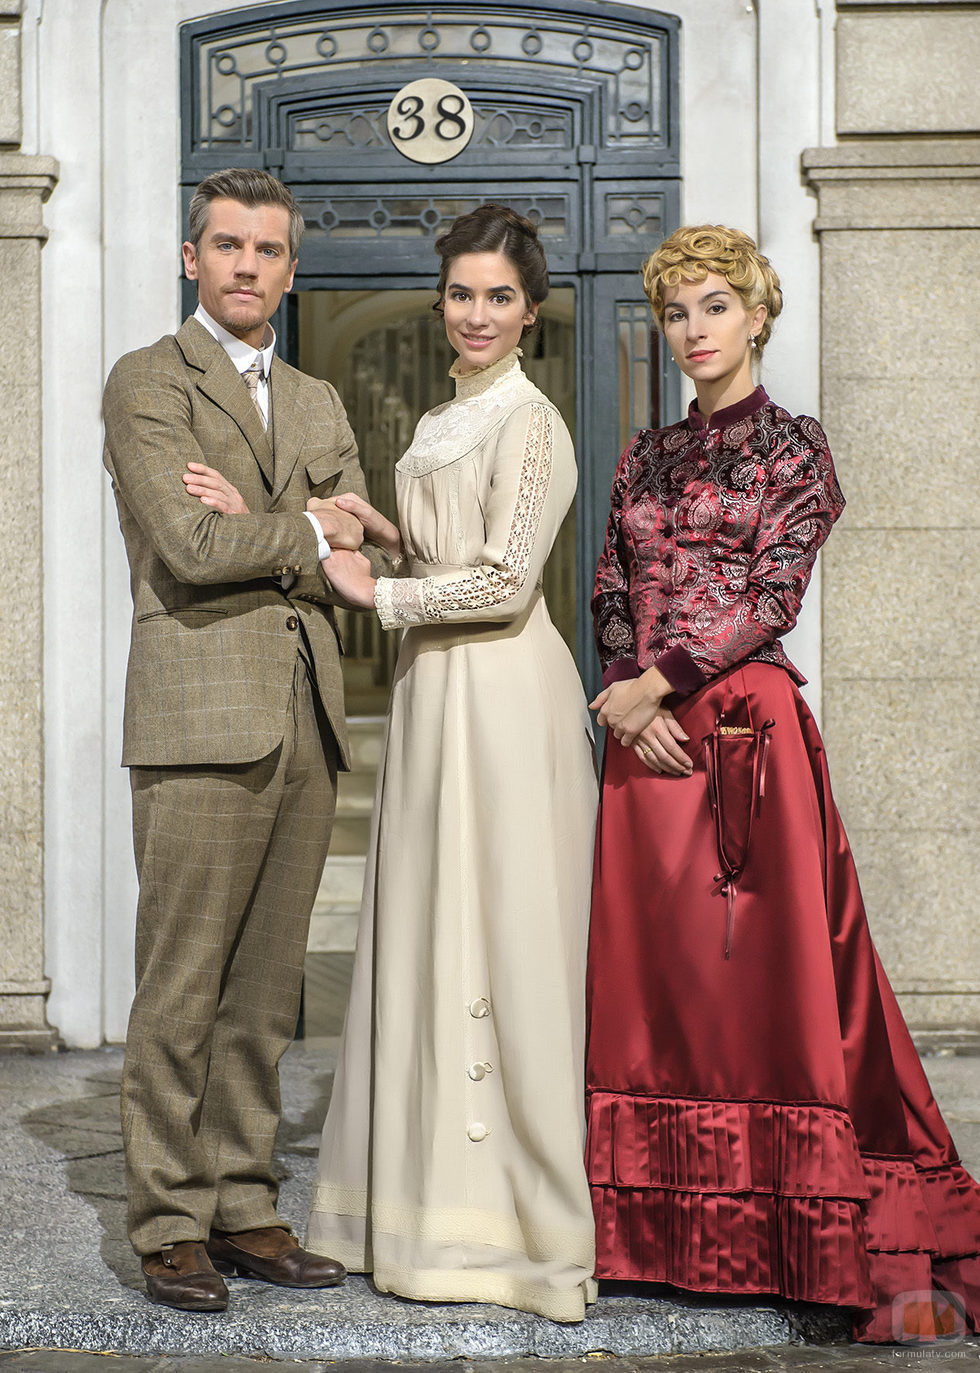 Mauro, Teresa y Cayetana son los personajes de Gonzalo Trujillo, Alejandra Meco y Sara Miquel en 'Acacias 38'